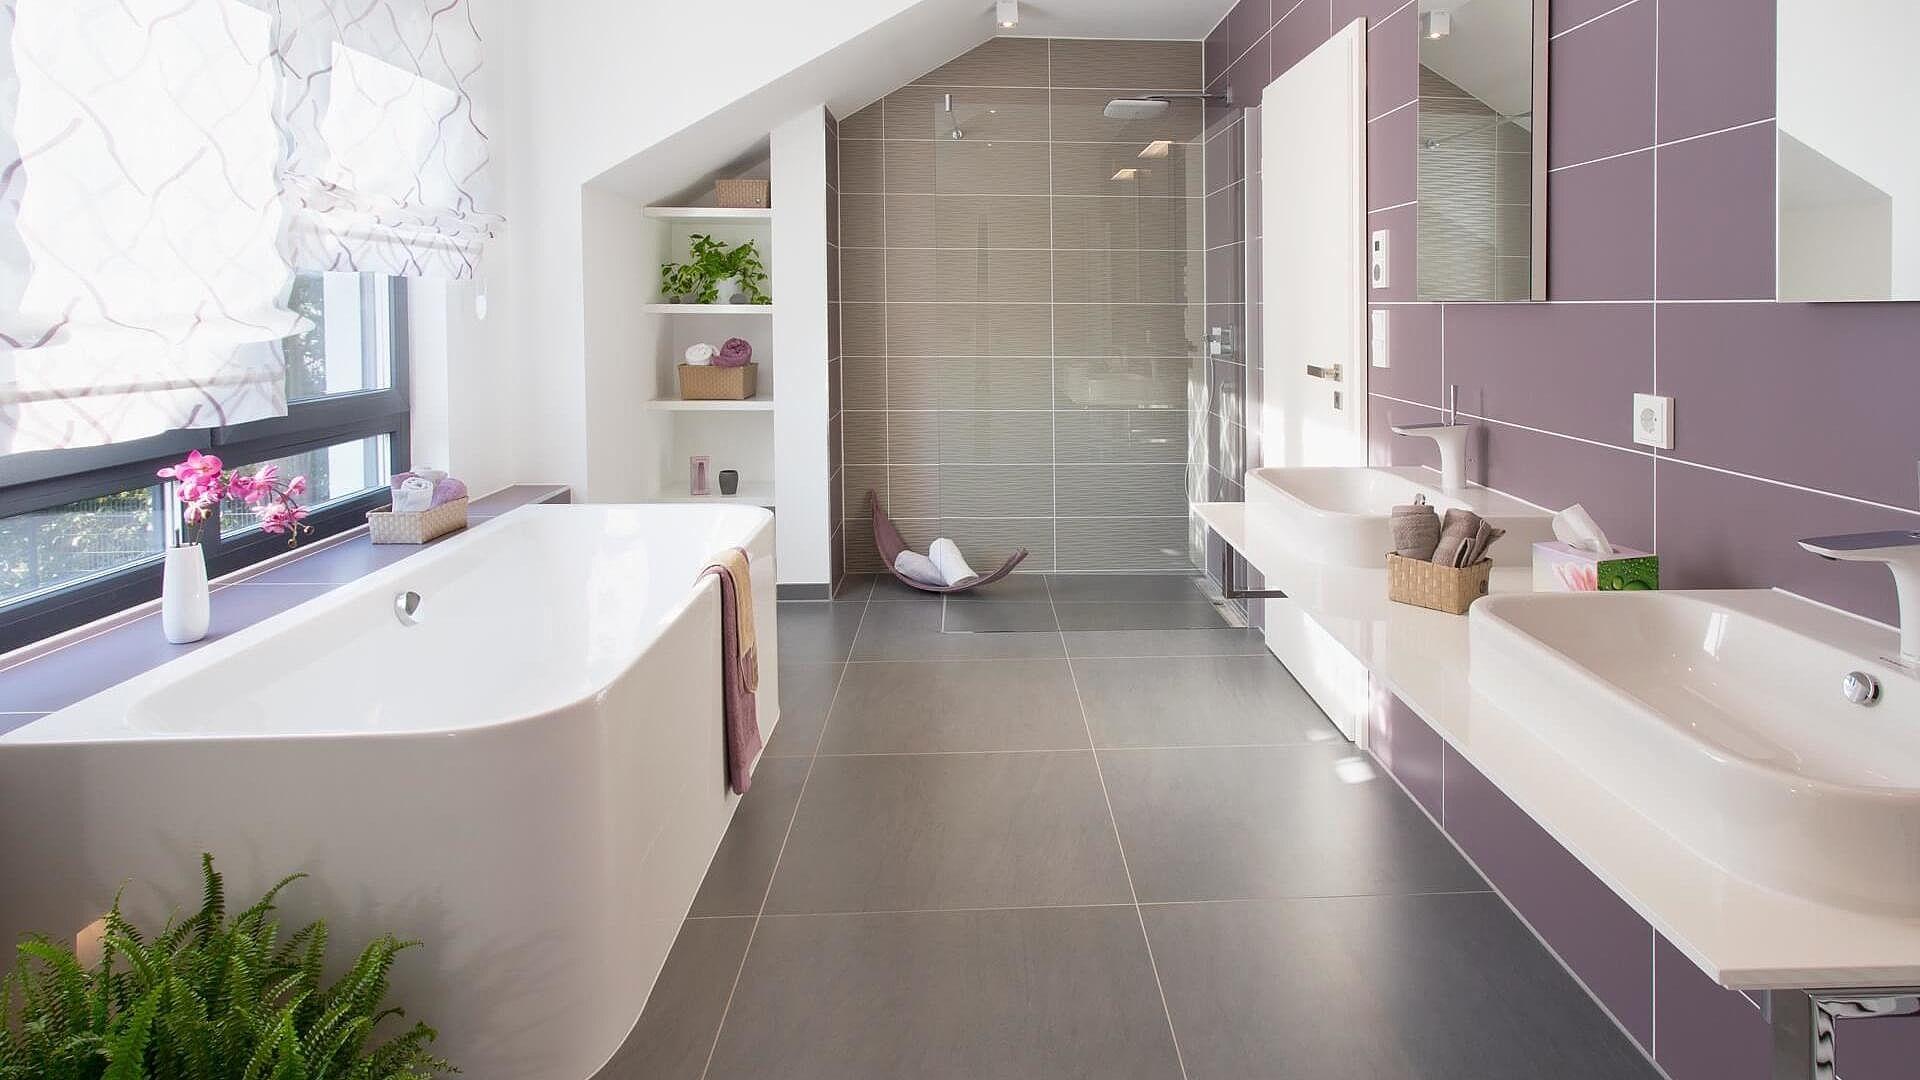 Bad grosse graue bodenfliesen lila wandfliesen badewanne dusche